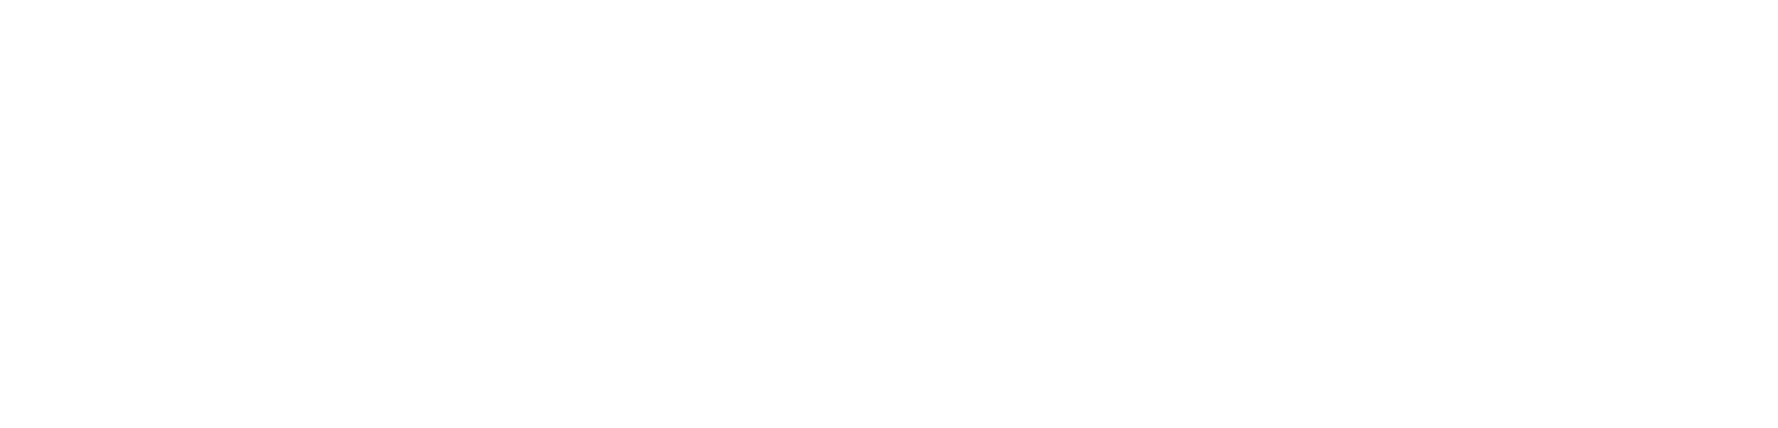 Springwine logo neg